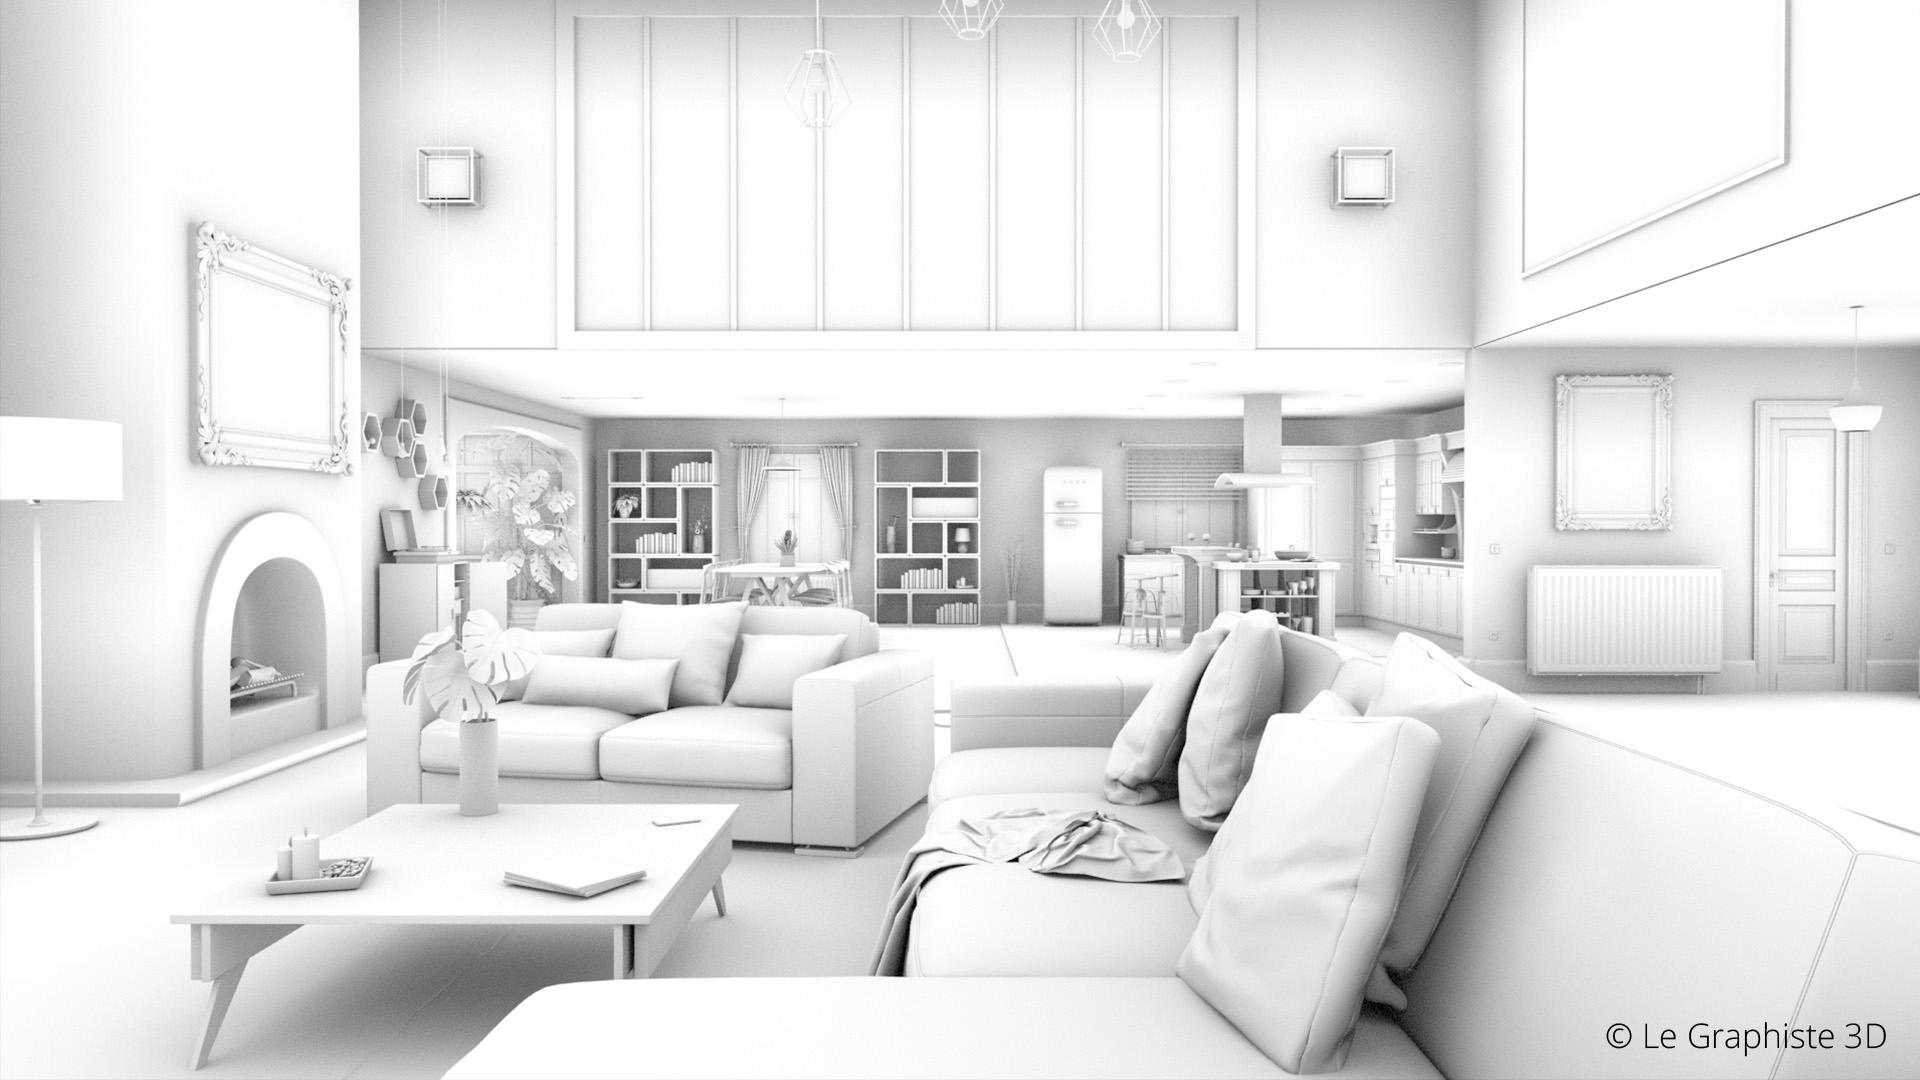 illustration 3d - villa esprit loft - Le Graphiste 3D